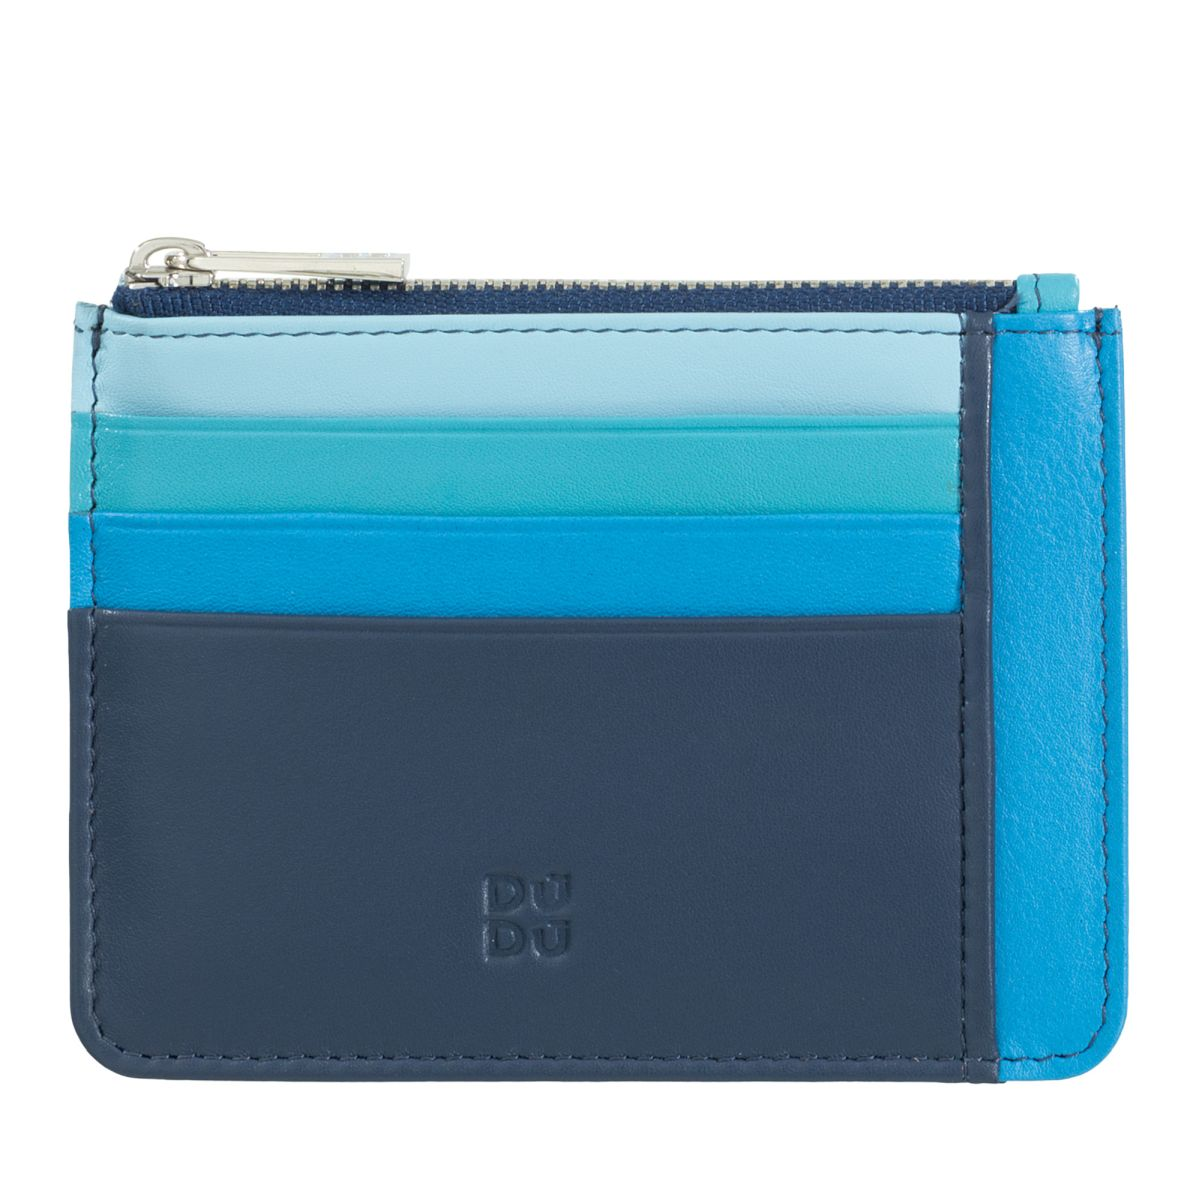 DuDu ארנק מינימלסטי עם תא למטבעות - כחול